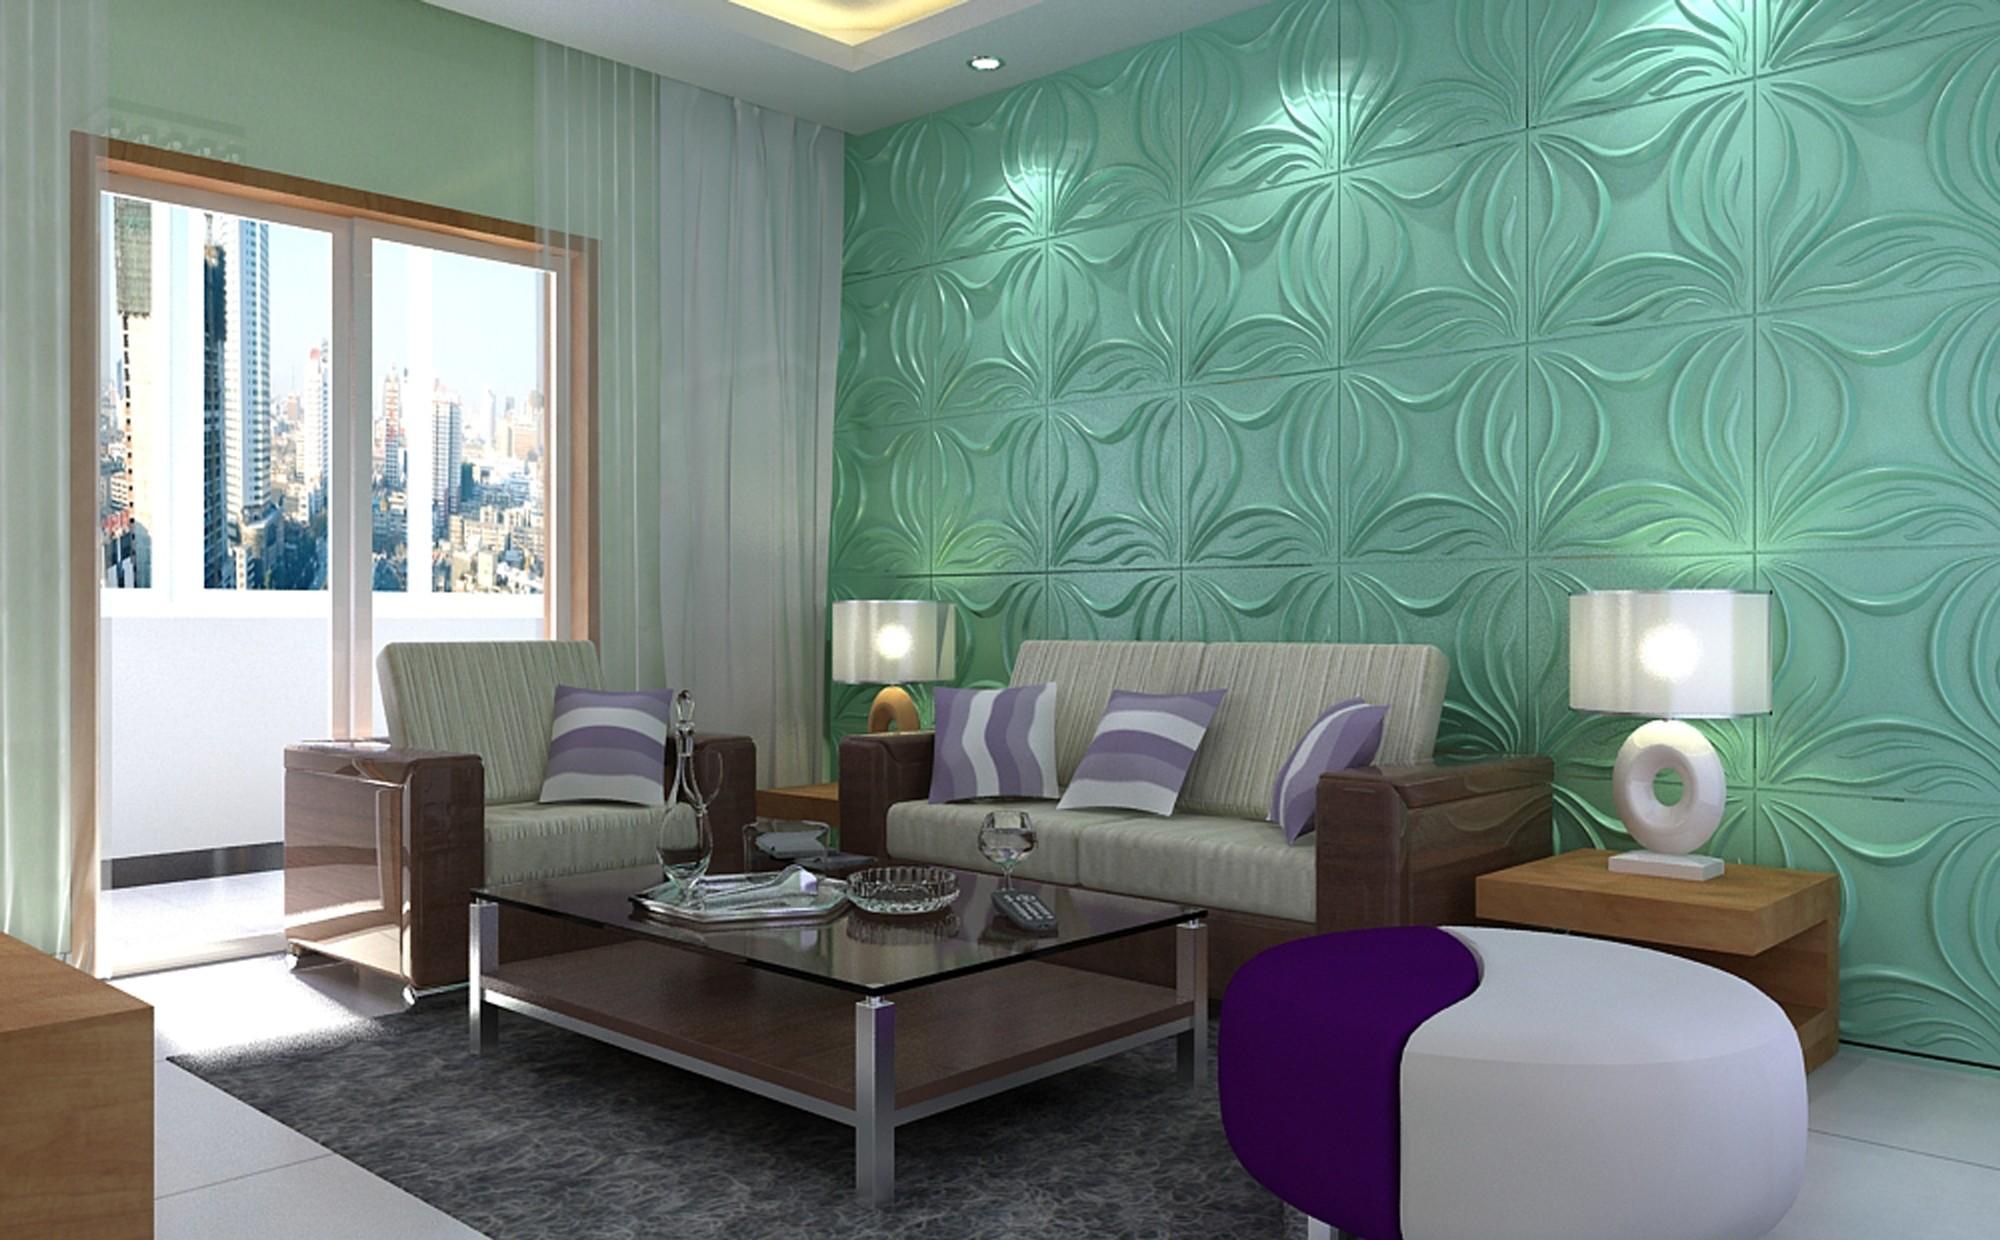 1 m2 paneele 3d platten deckenplatten wandplatten 3d wanddekor 50x50cm mavis dekore aus. Black Bedroom Furniture Sets. Home Design Ideas